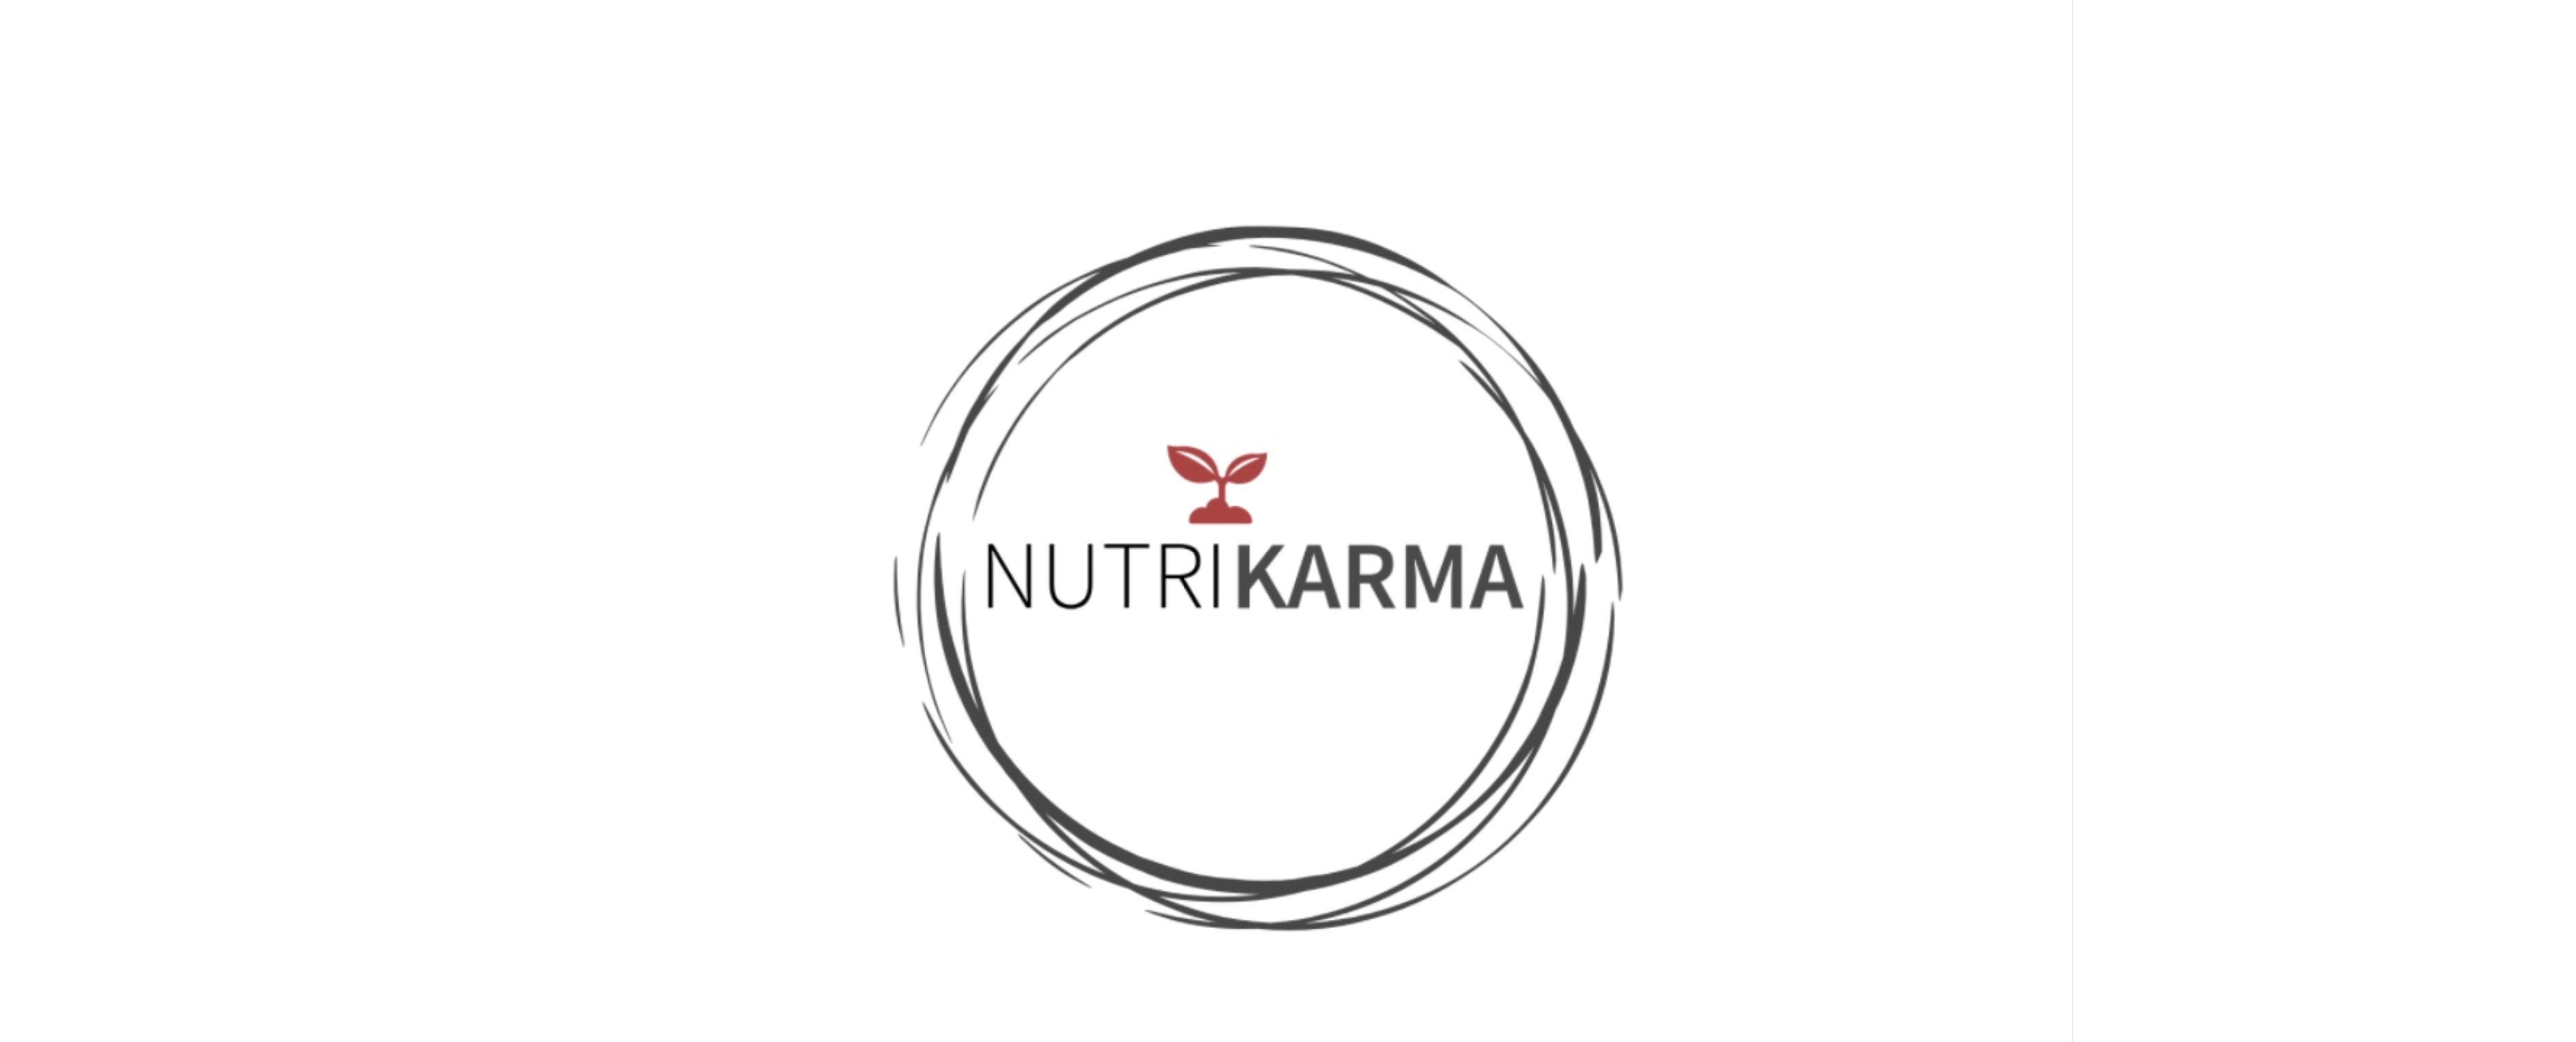 NutriKarma